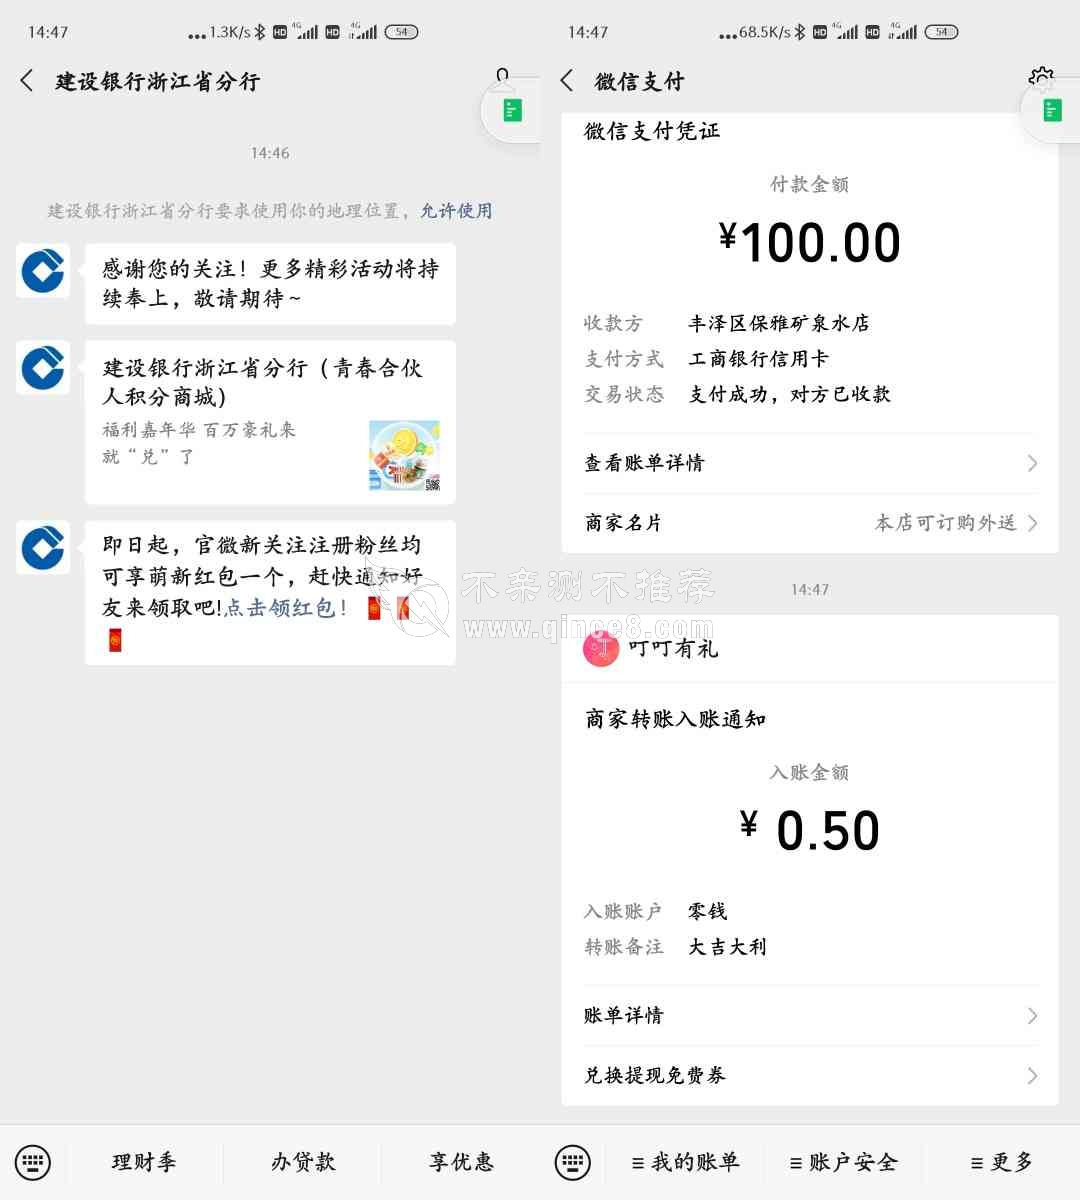 建设银行浙江省分行微信公众号青春合伙人百万红包来袭,关注必中0.5元现金红包